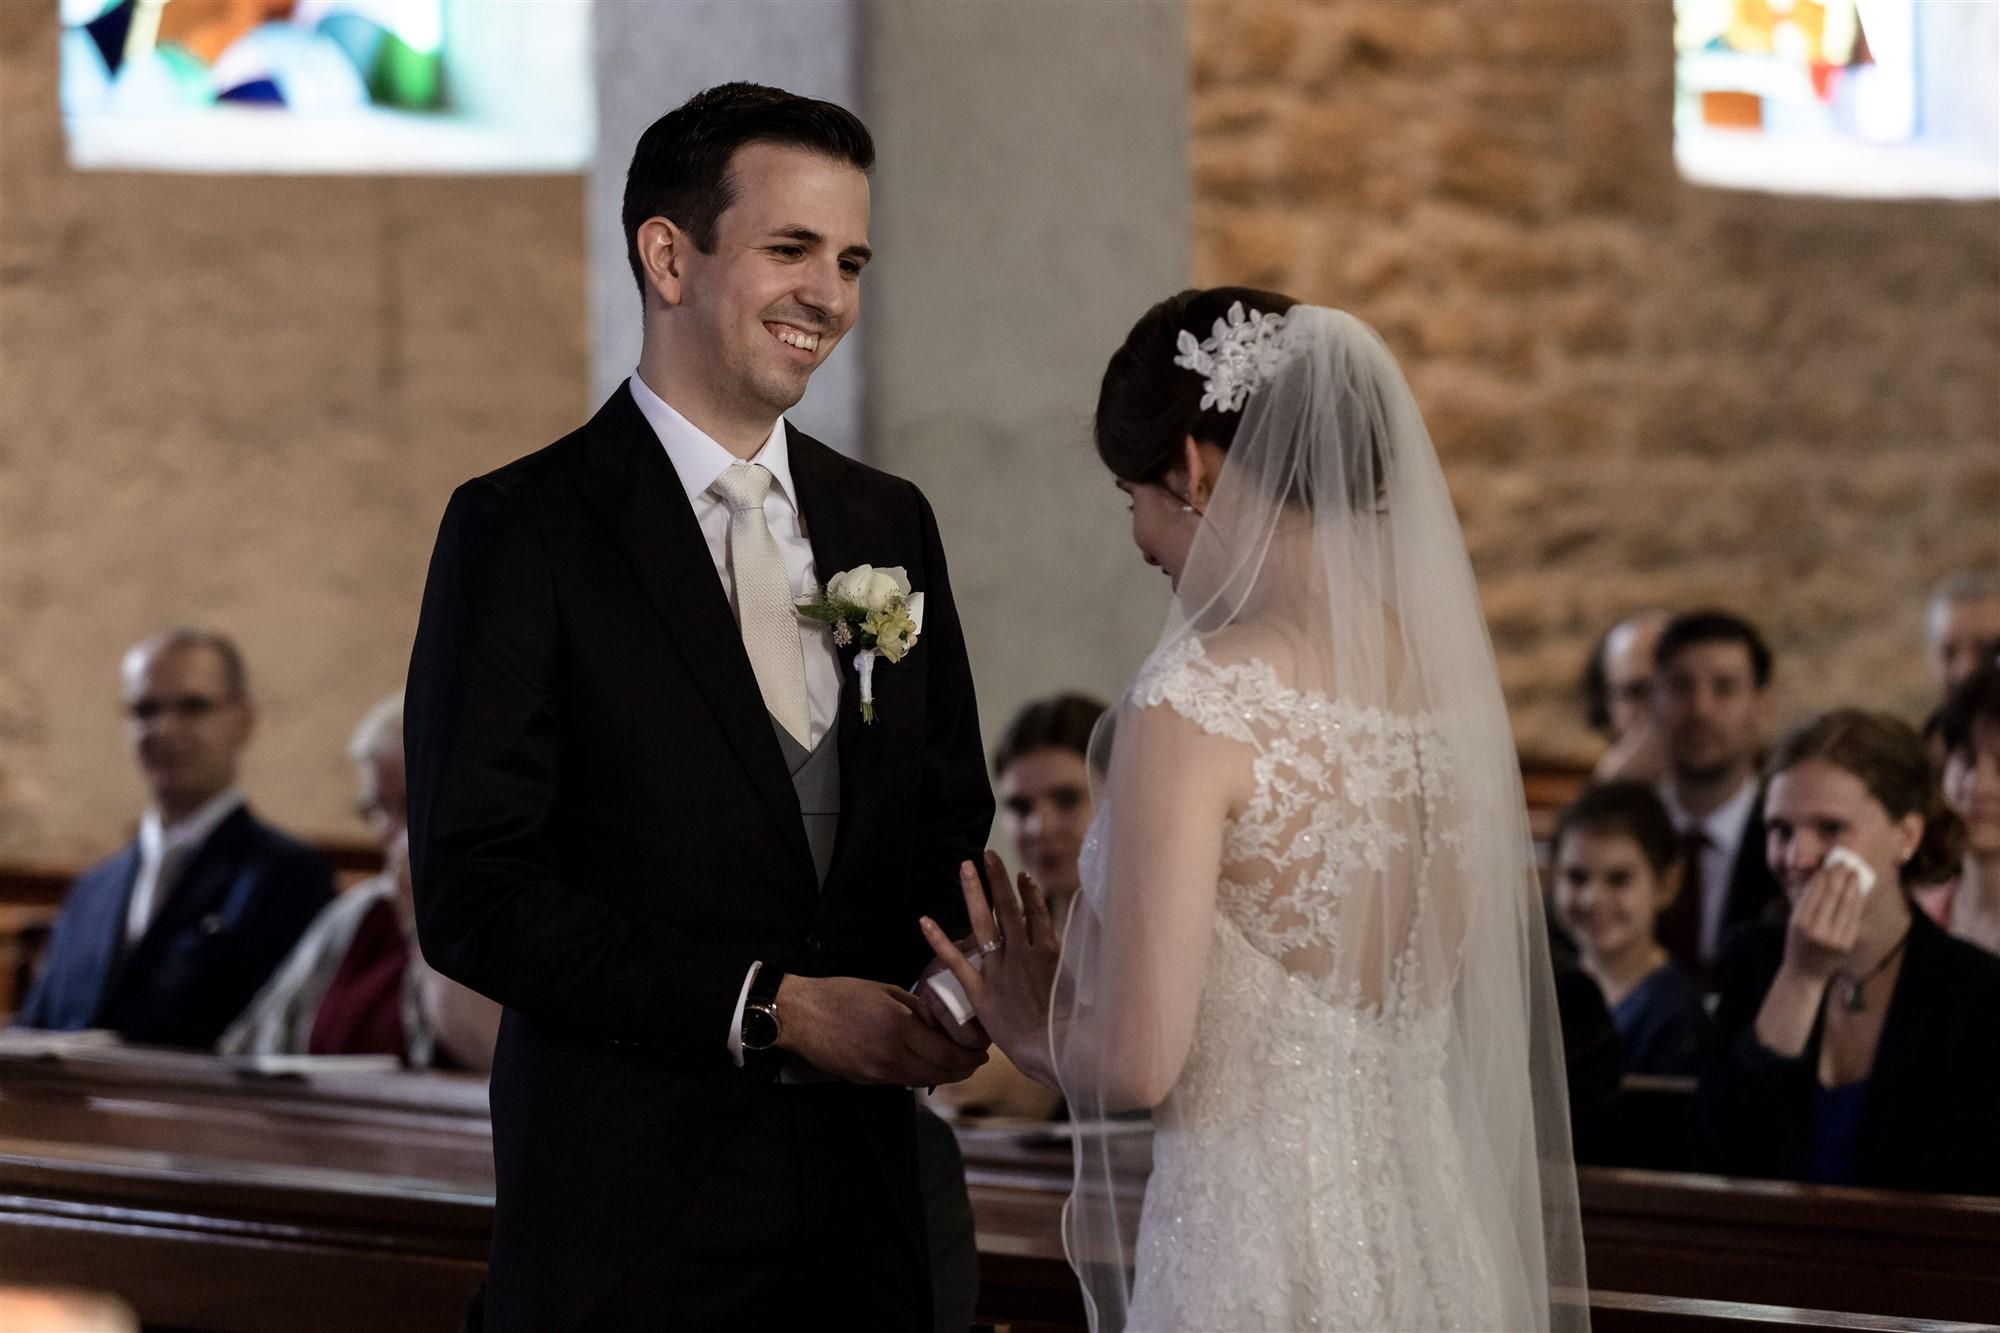 Das Eheversprechen während der kirchlichen Trauung in Oberwil